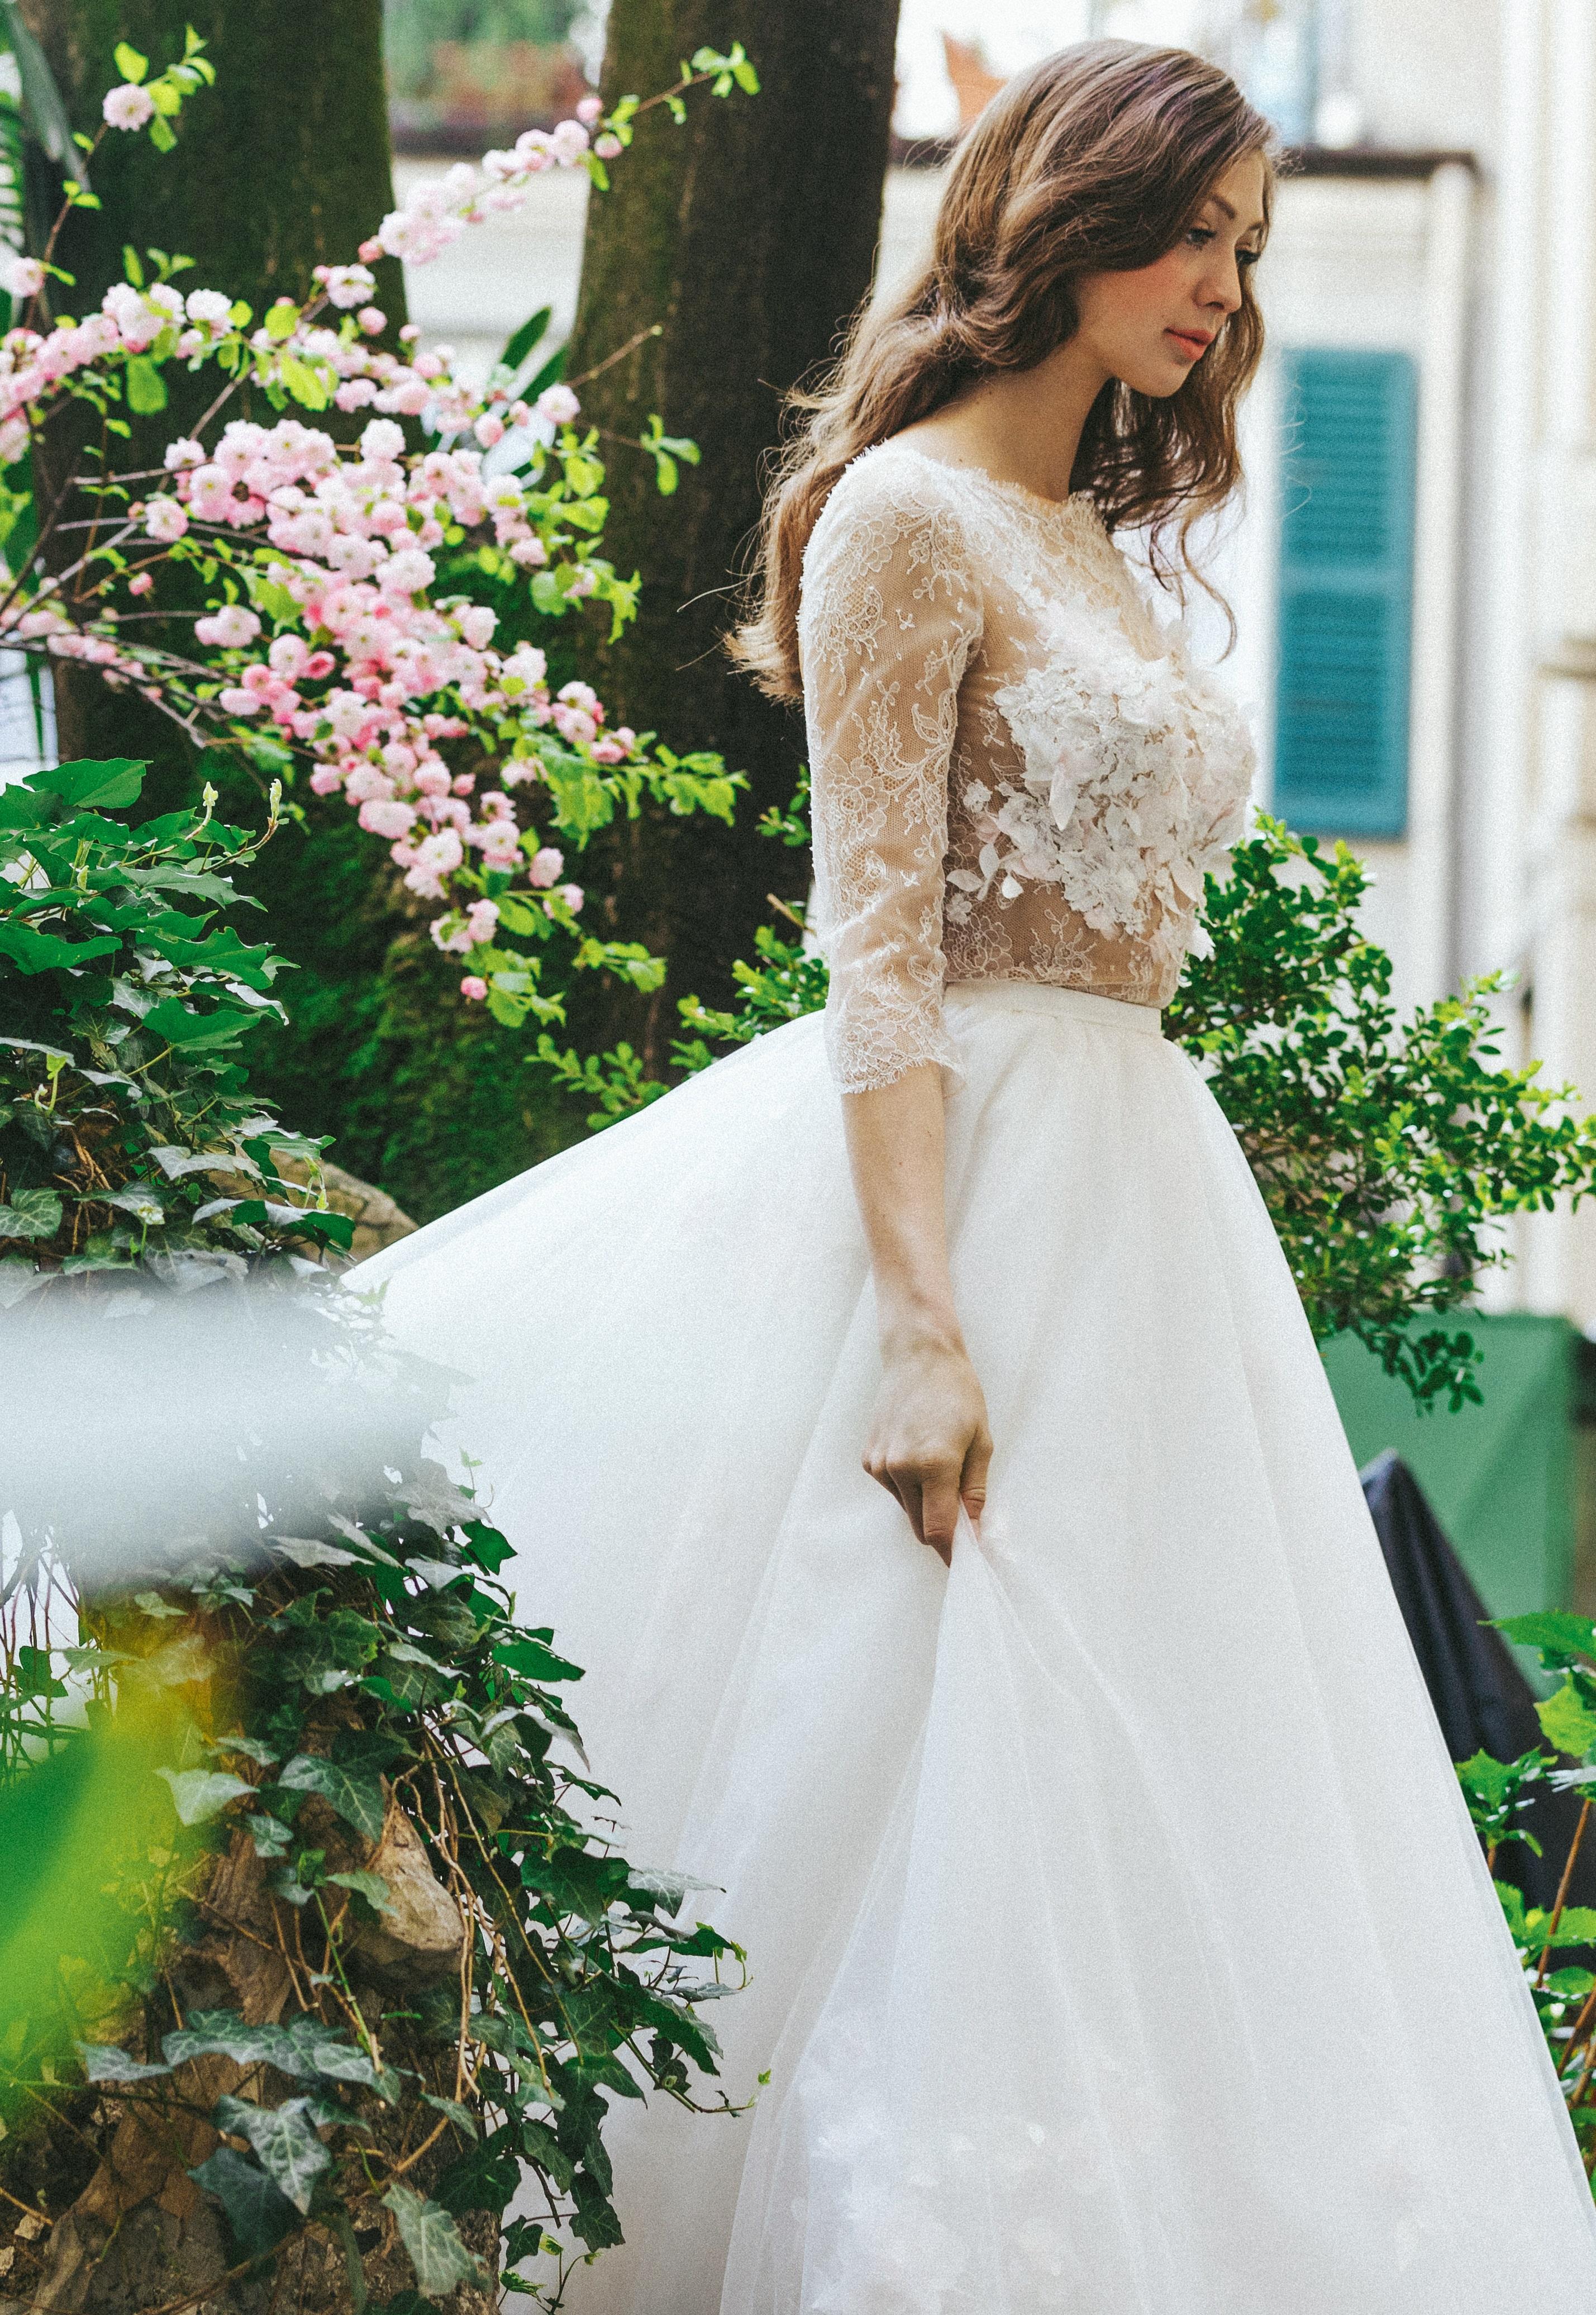 【7~8月の結婚式限定!!!】特典付サマーウェディングの相談